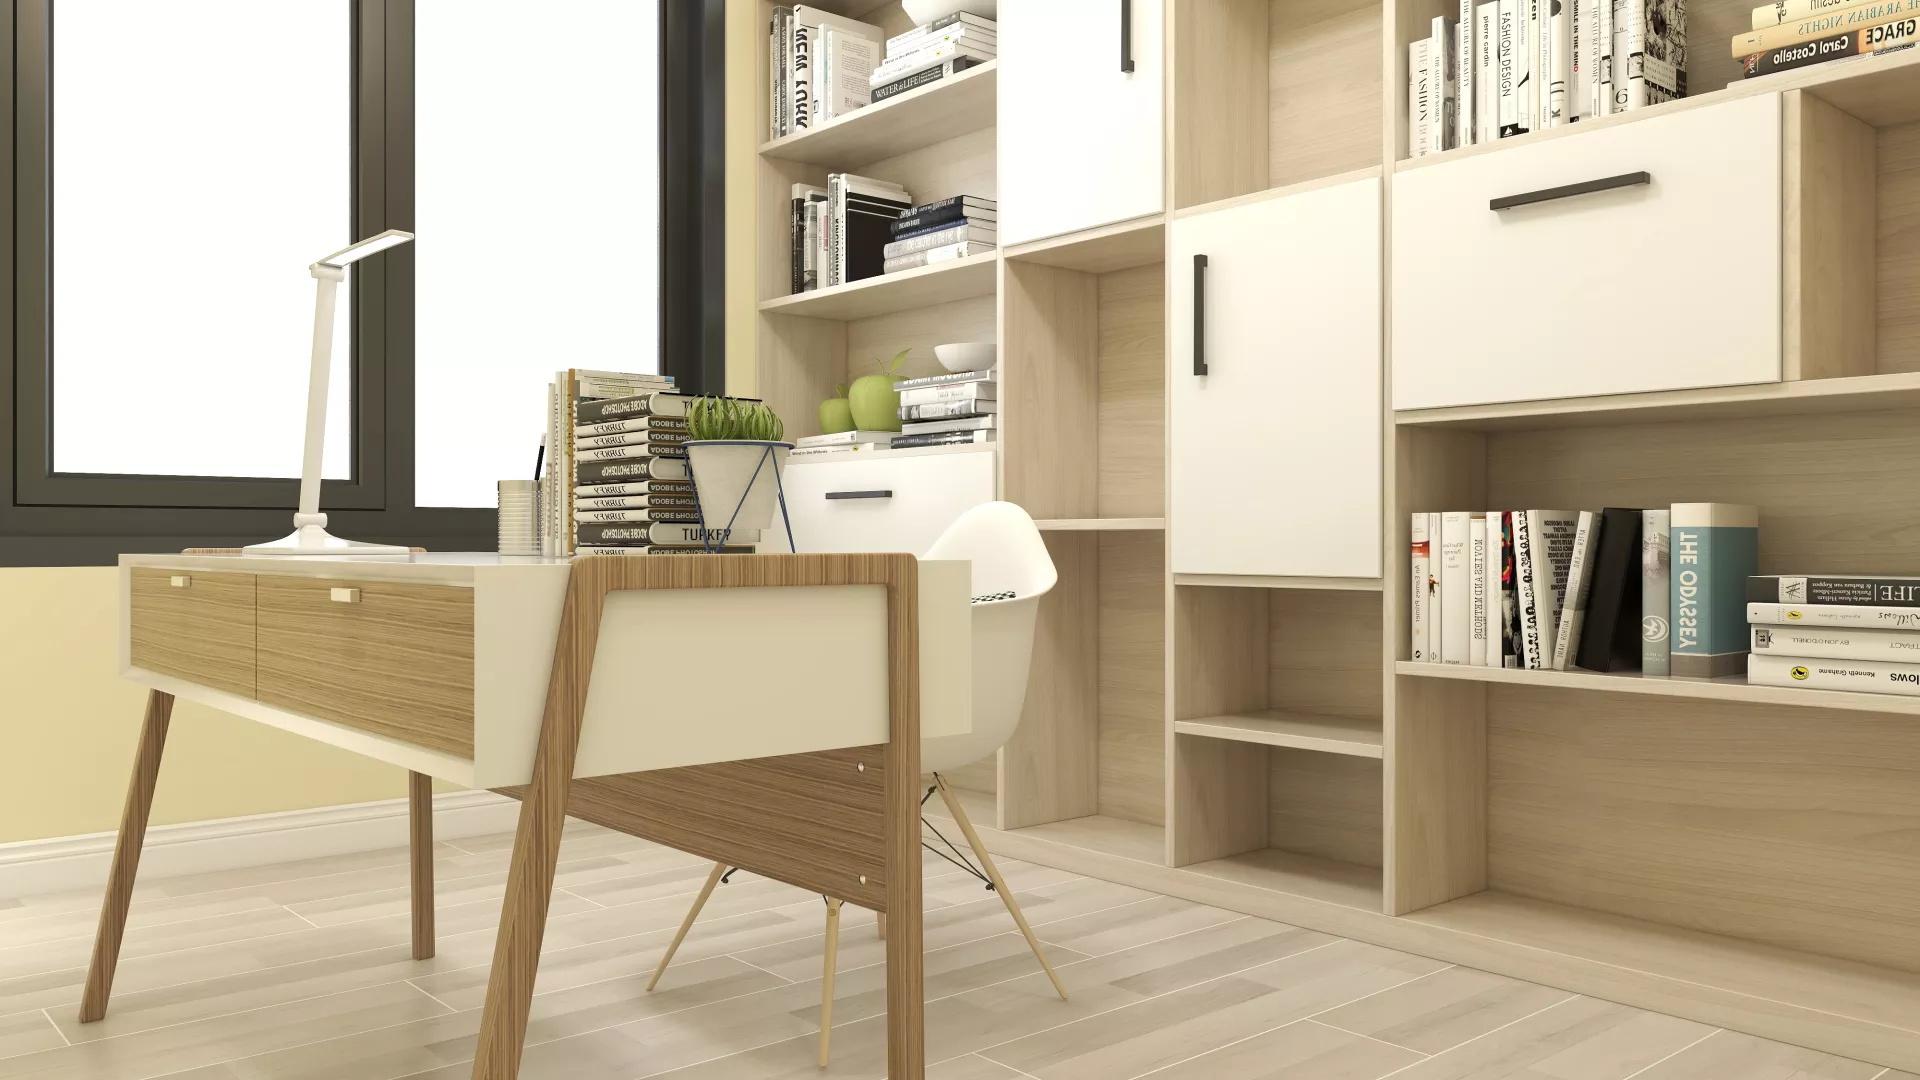 卧室吸尘器怎么用 卧室吸尘器使用方法